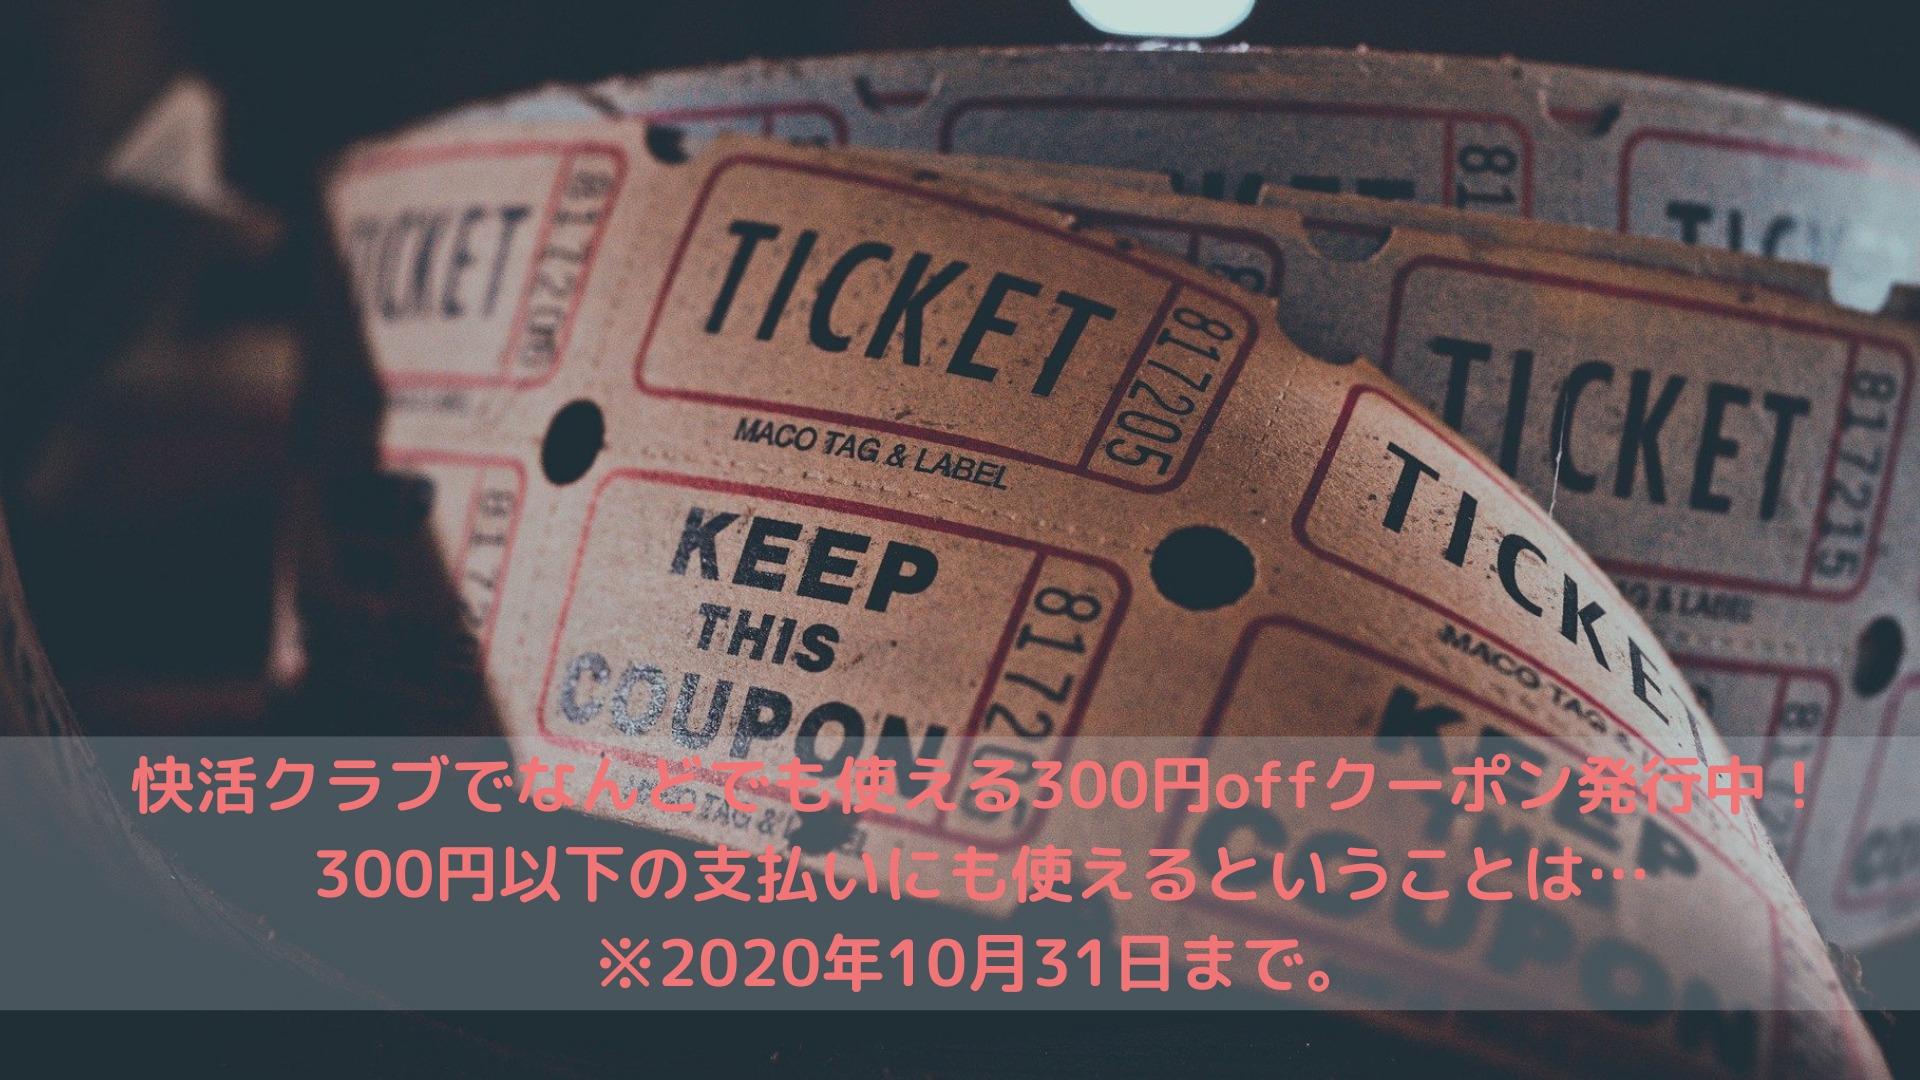 快活クラブでなんどでも使える300円offクーポン発行中!300円以下の支払いにも使えるということは…※2020年10月31日まで。